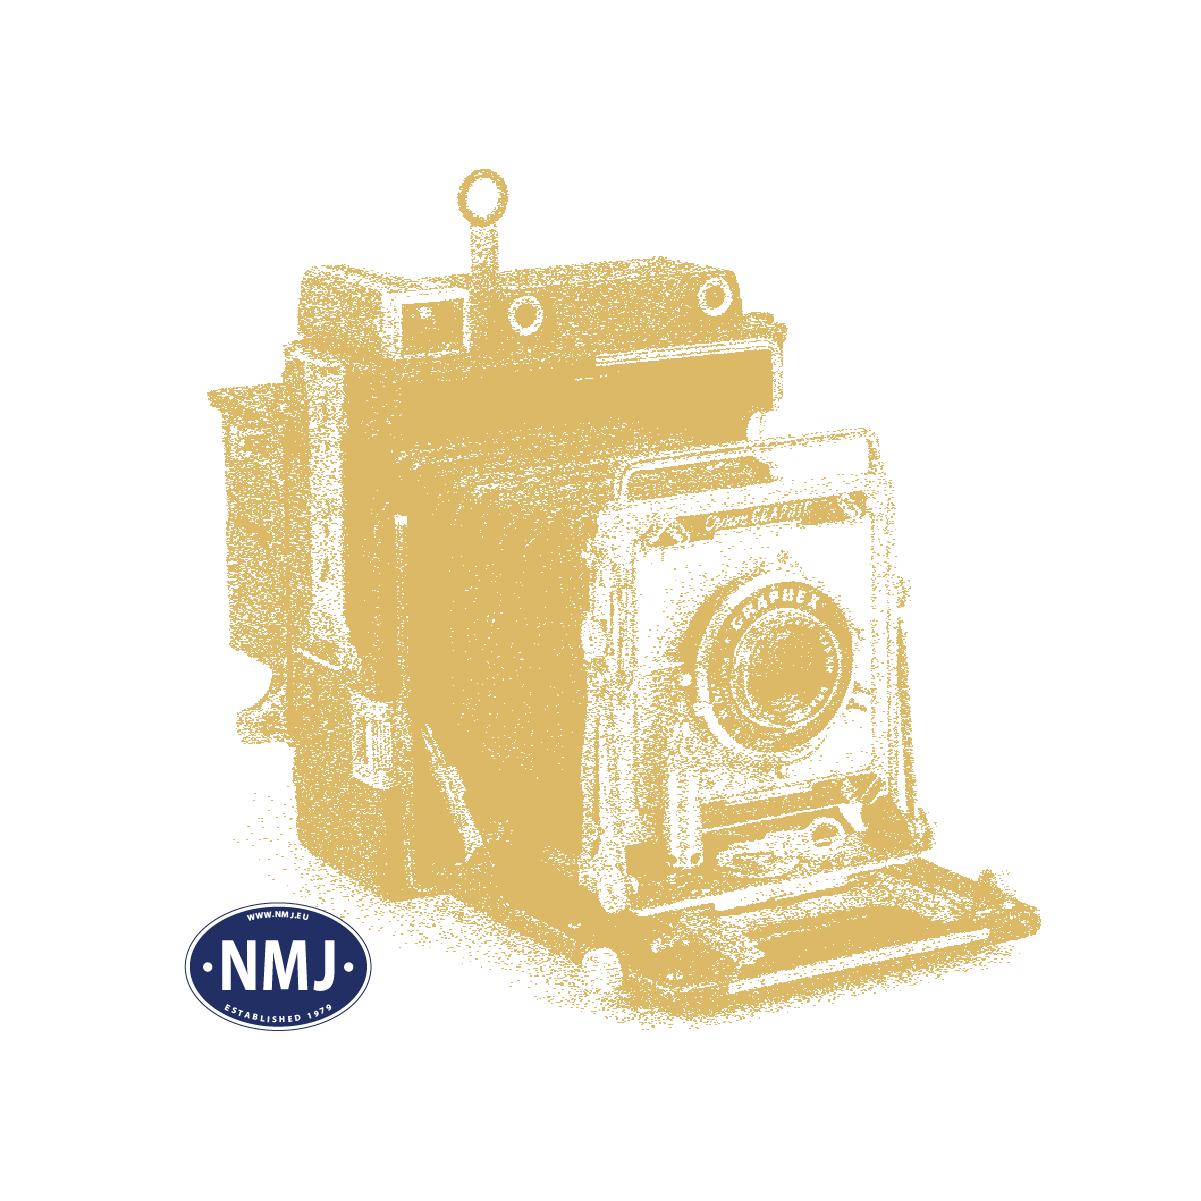 NMJB1112 - Norske Plakater, Ark 3